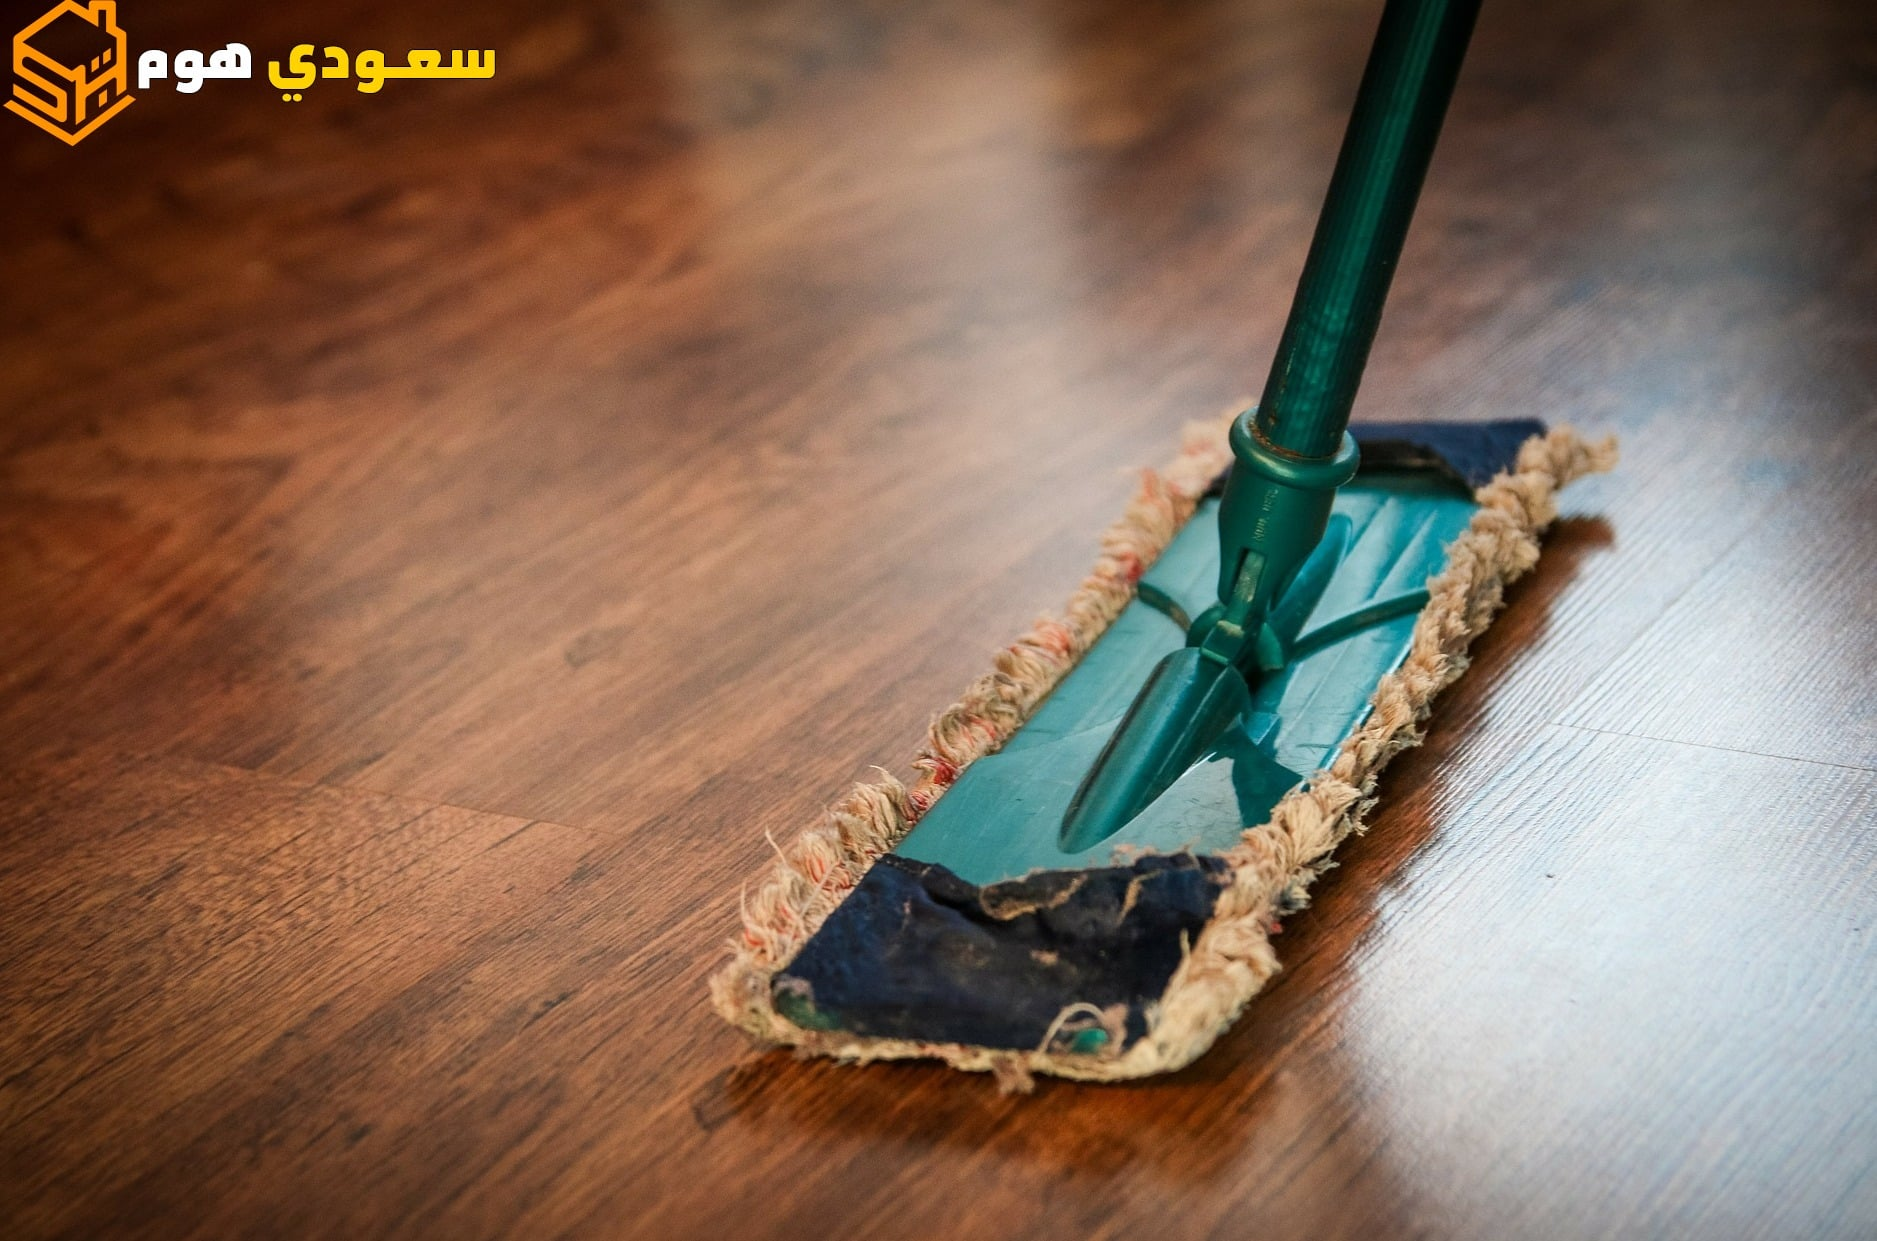 أفضل شركة تنظيف فلل بحي الشفا